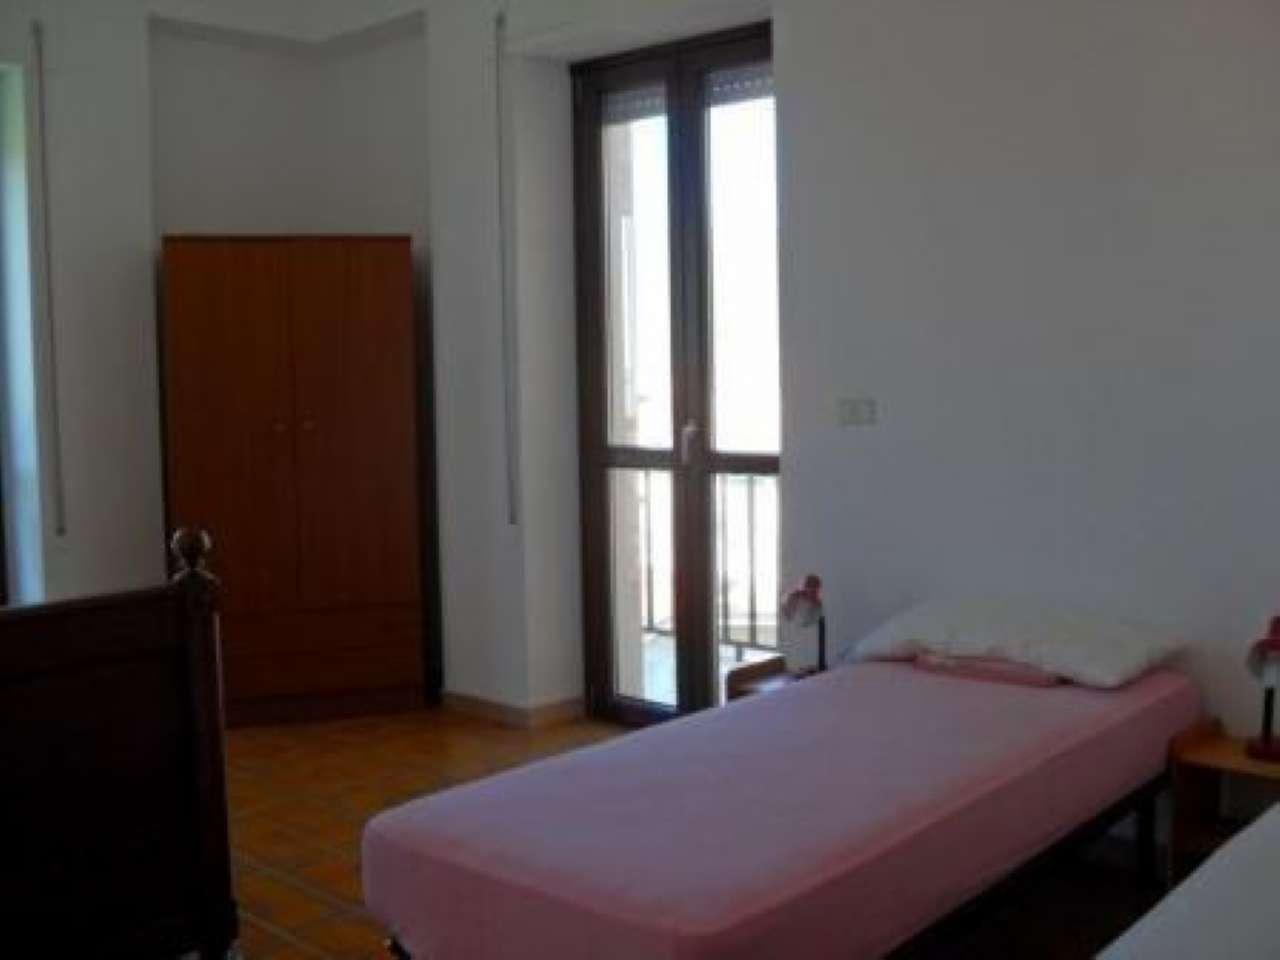 Appartamento, Via Napoli, Centro, Bosa, foto 10